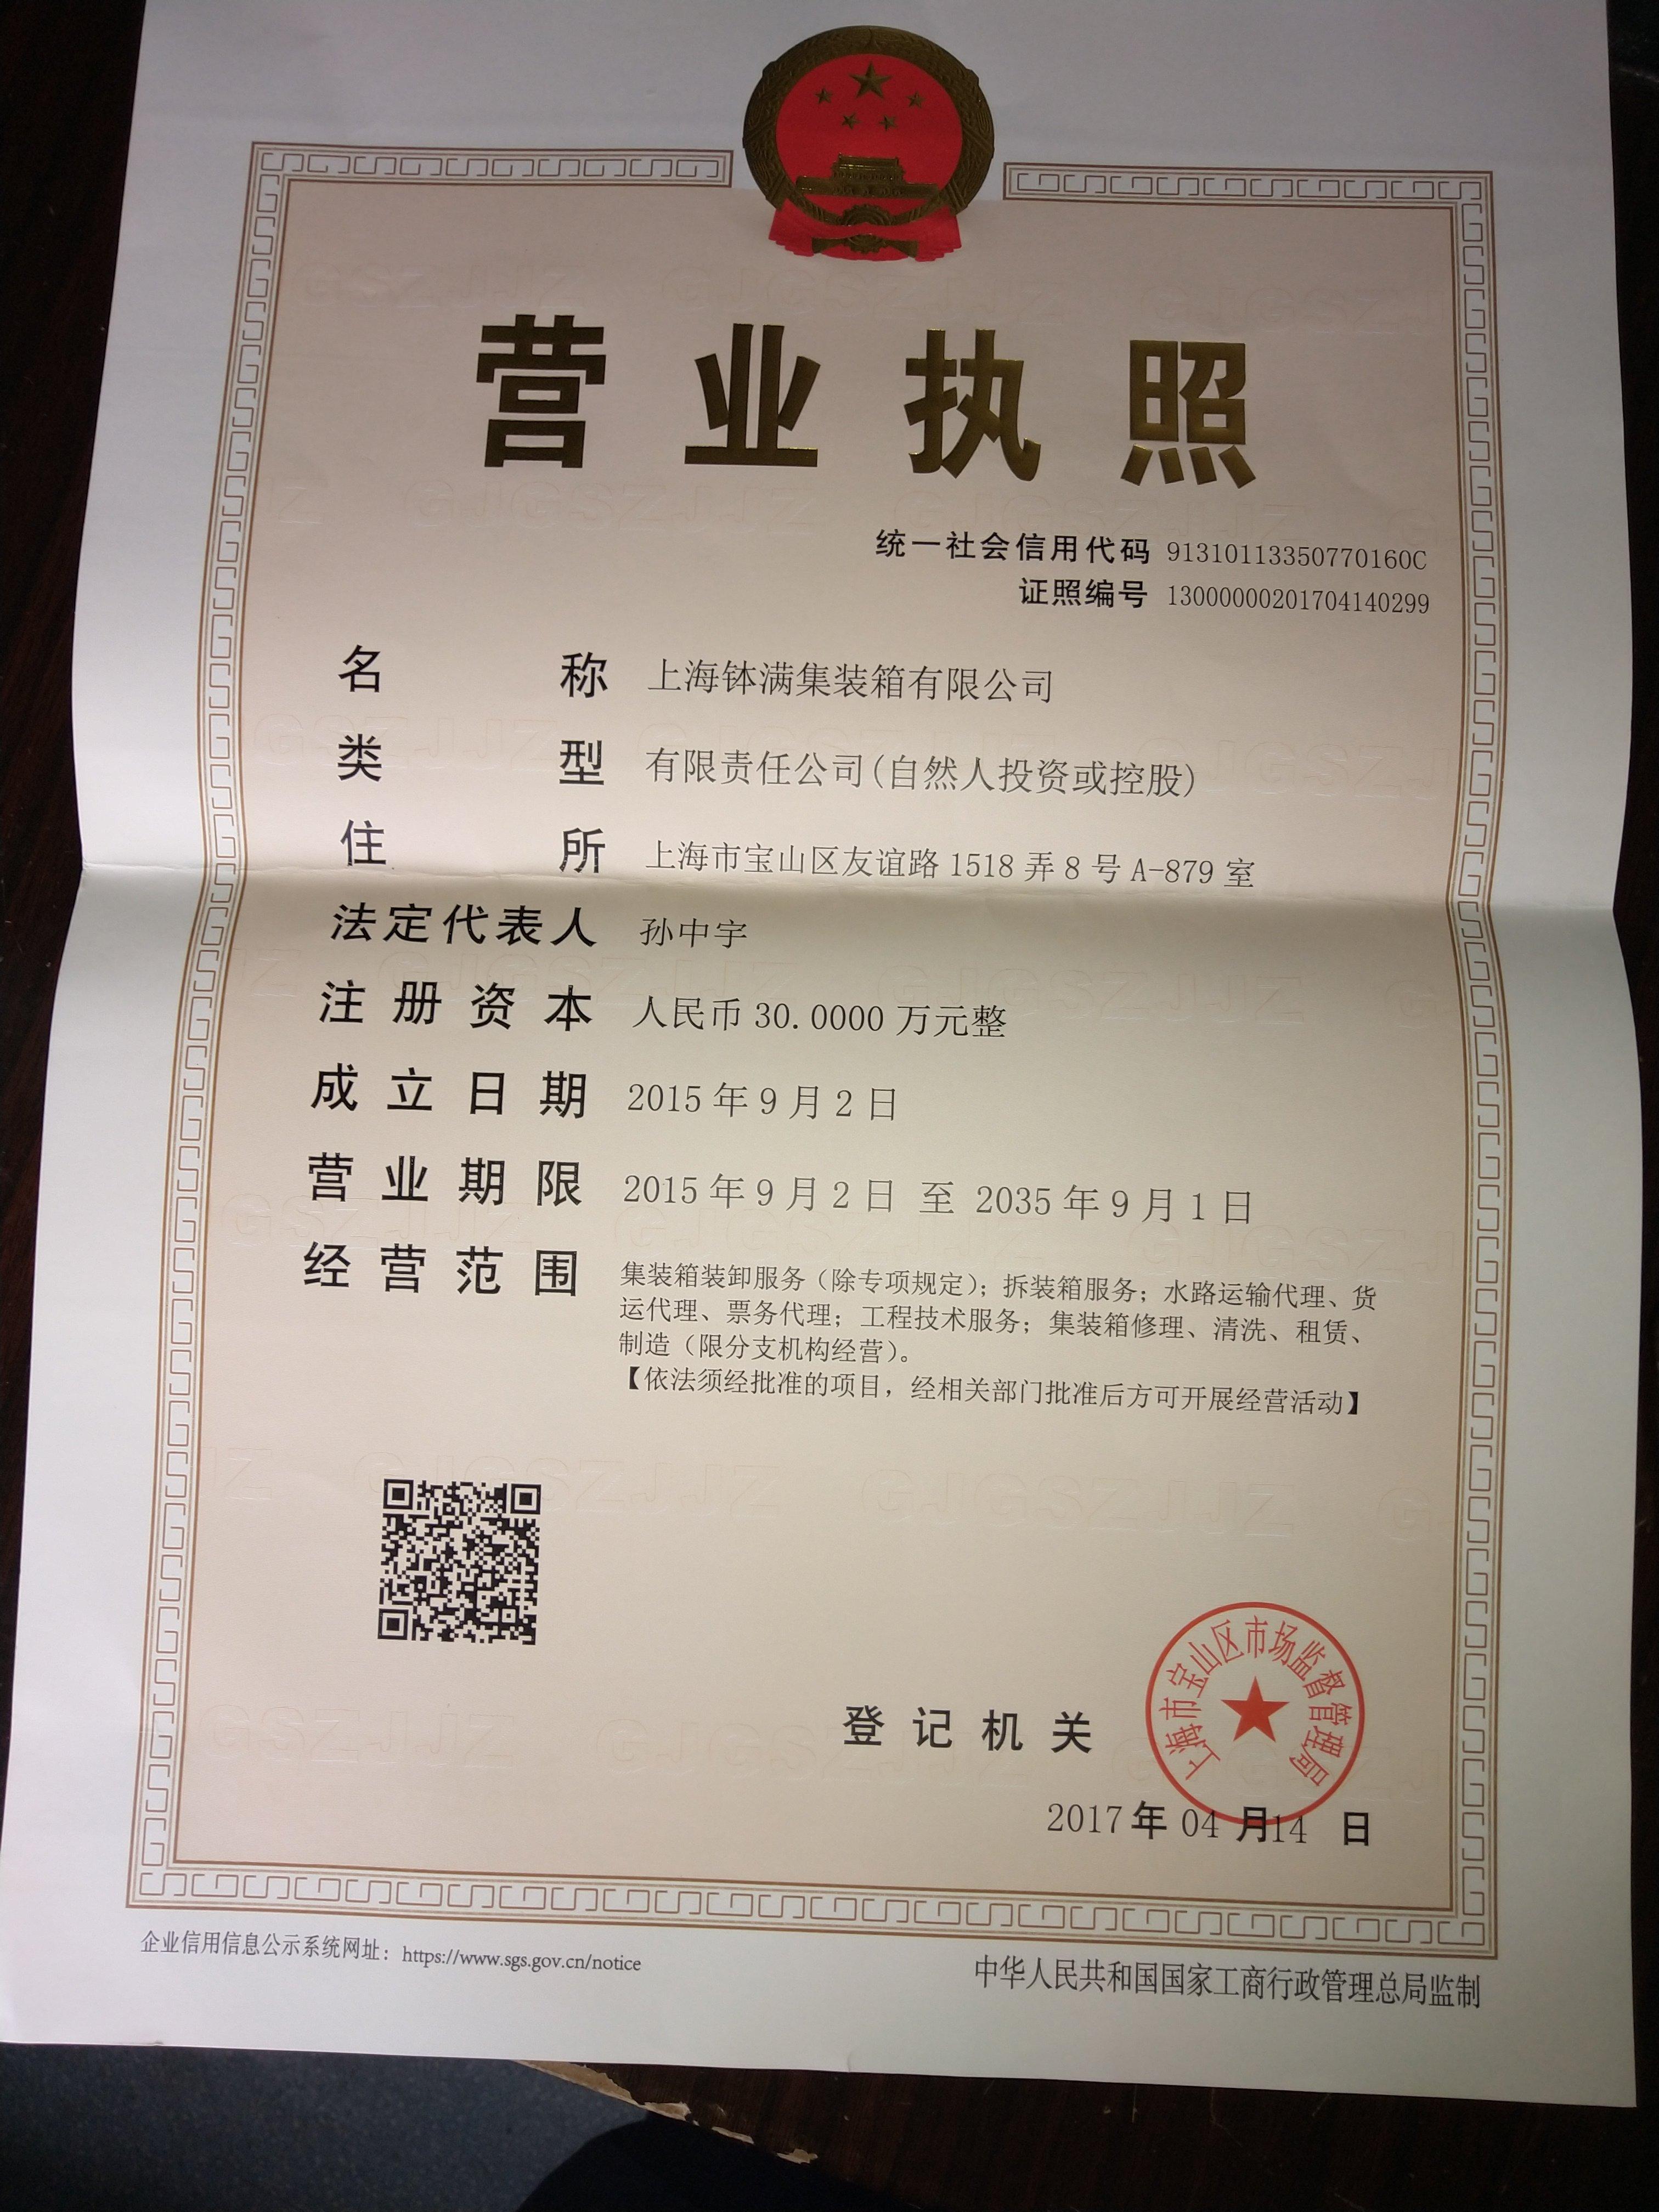 上海钵满集装箱有限公司